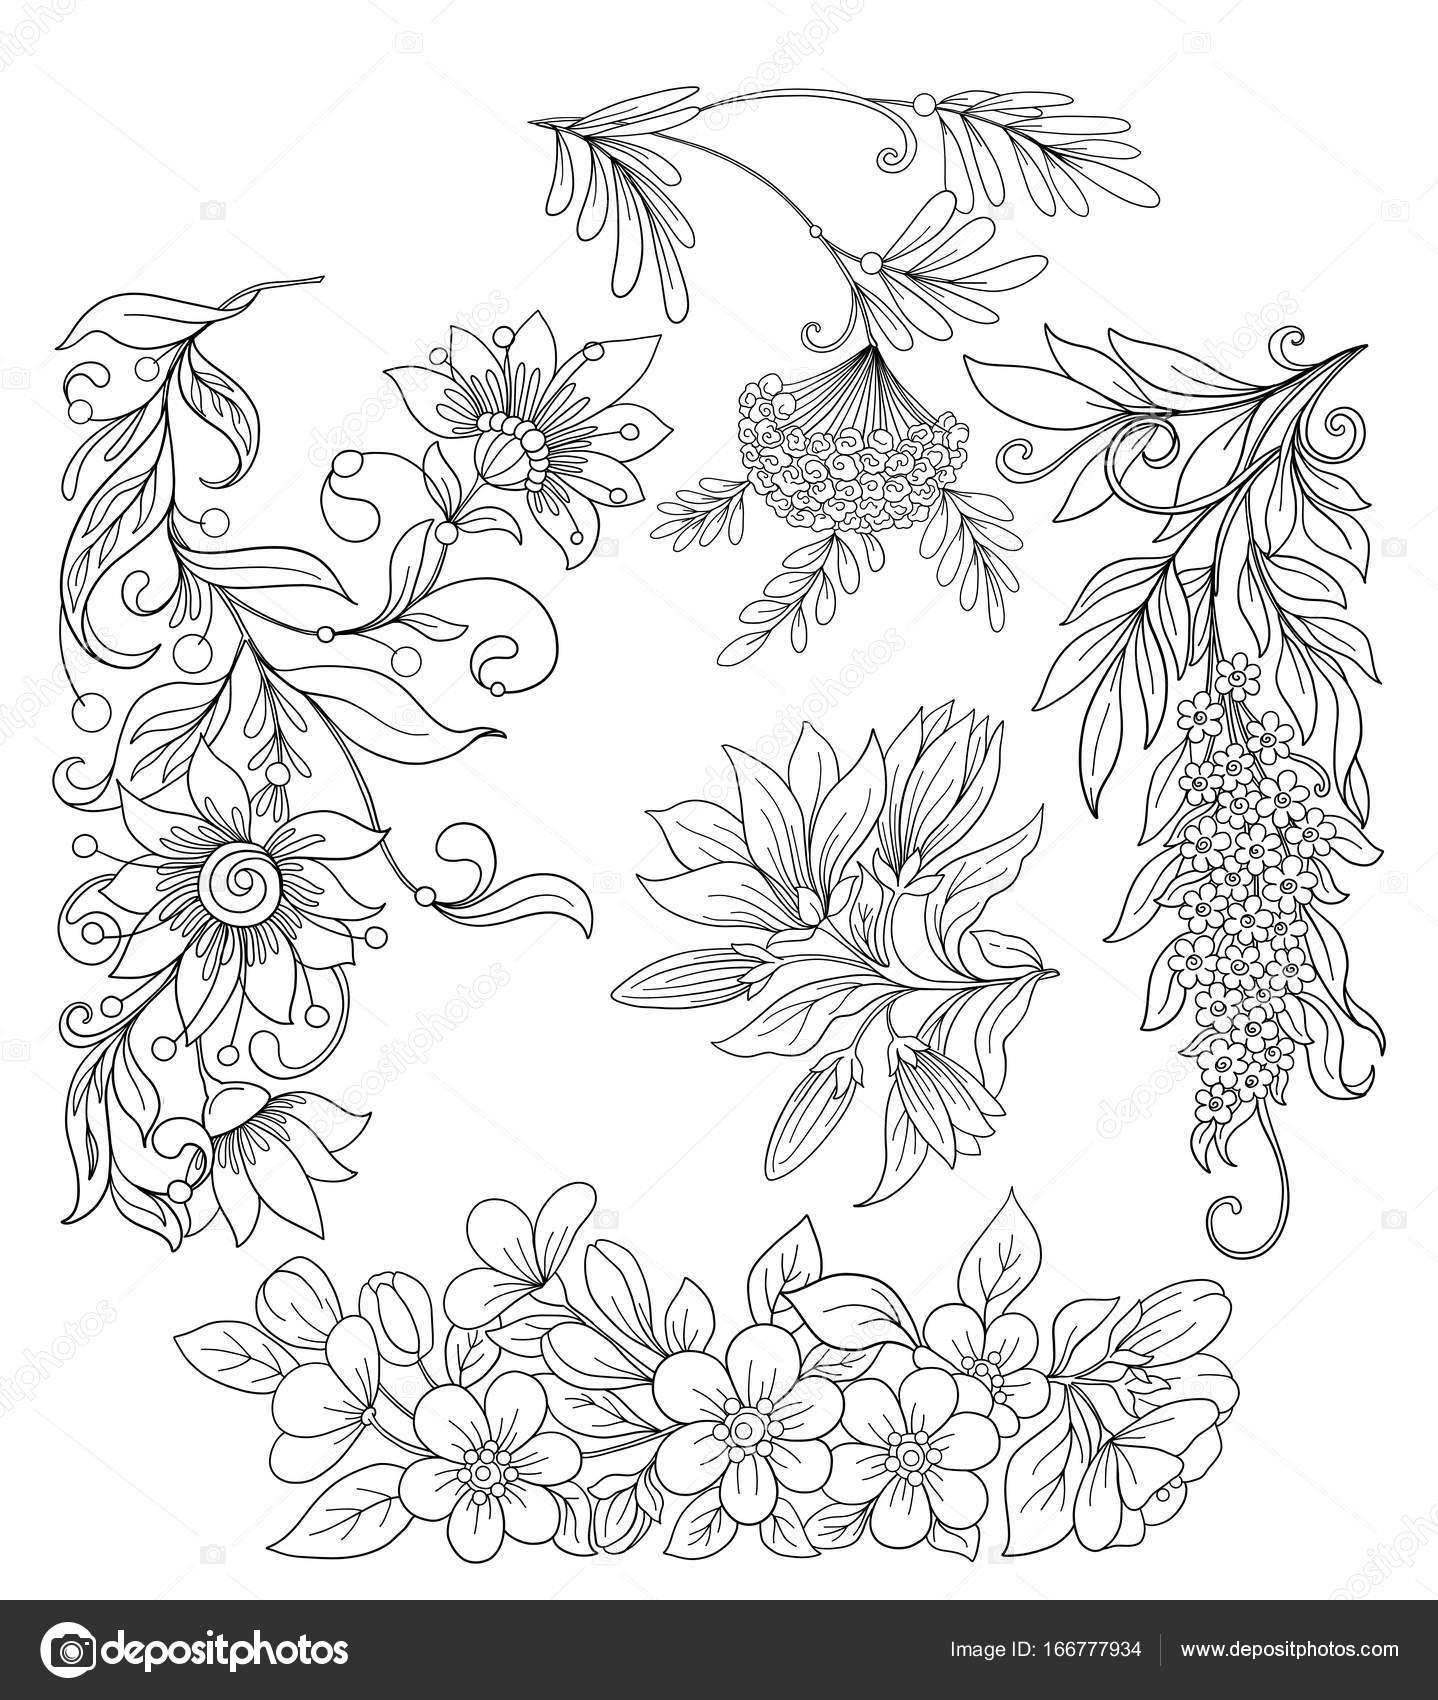 Fotos La Primavera Para Imprimir Conjunto De Flores De Primavera